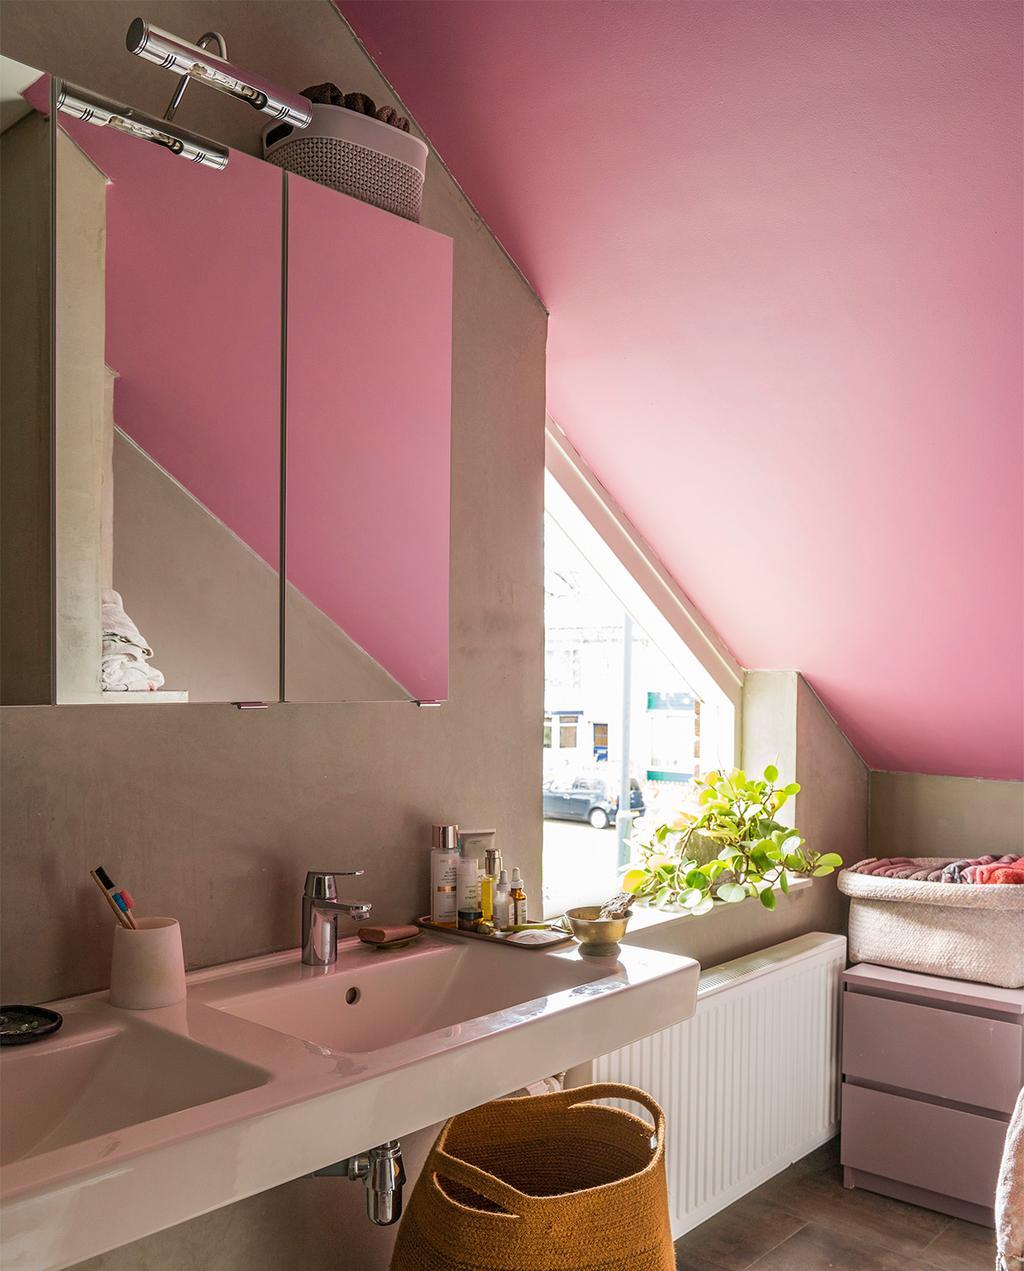 vtwonen 07-2021 | roze badkamer met schuine wand